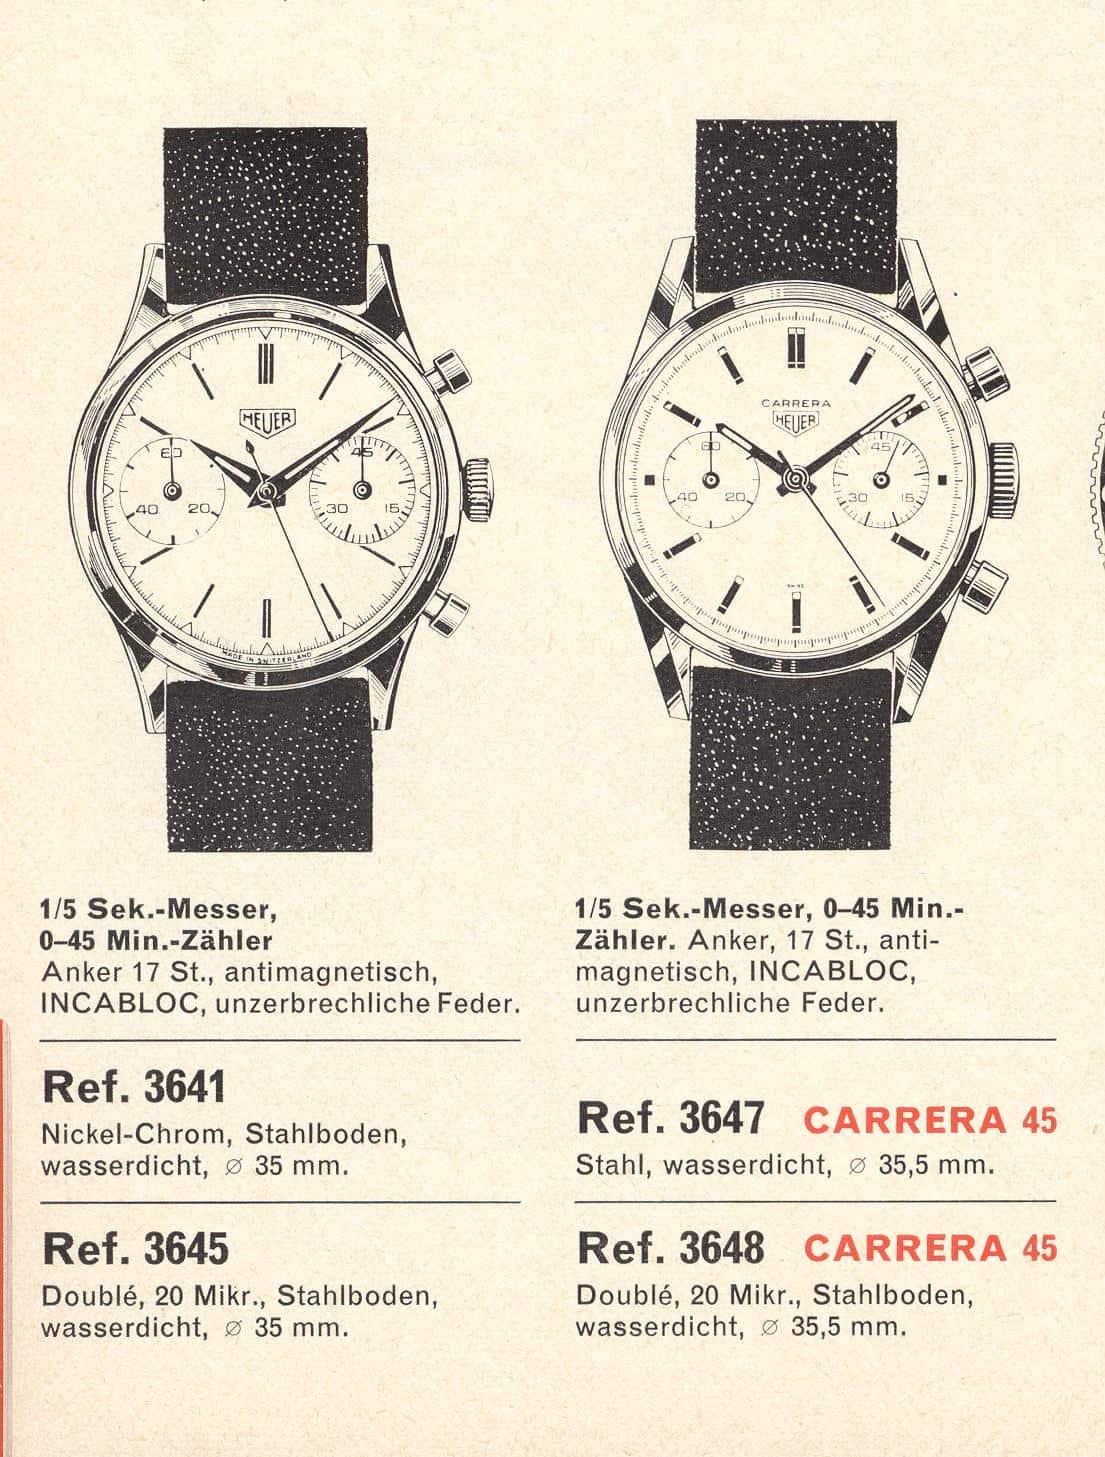 Die Carrera 45 in einem Katalog abgebildet